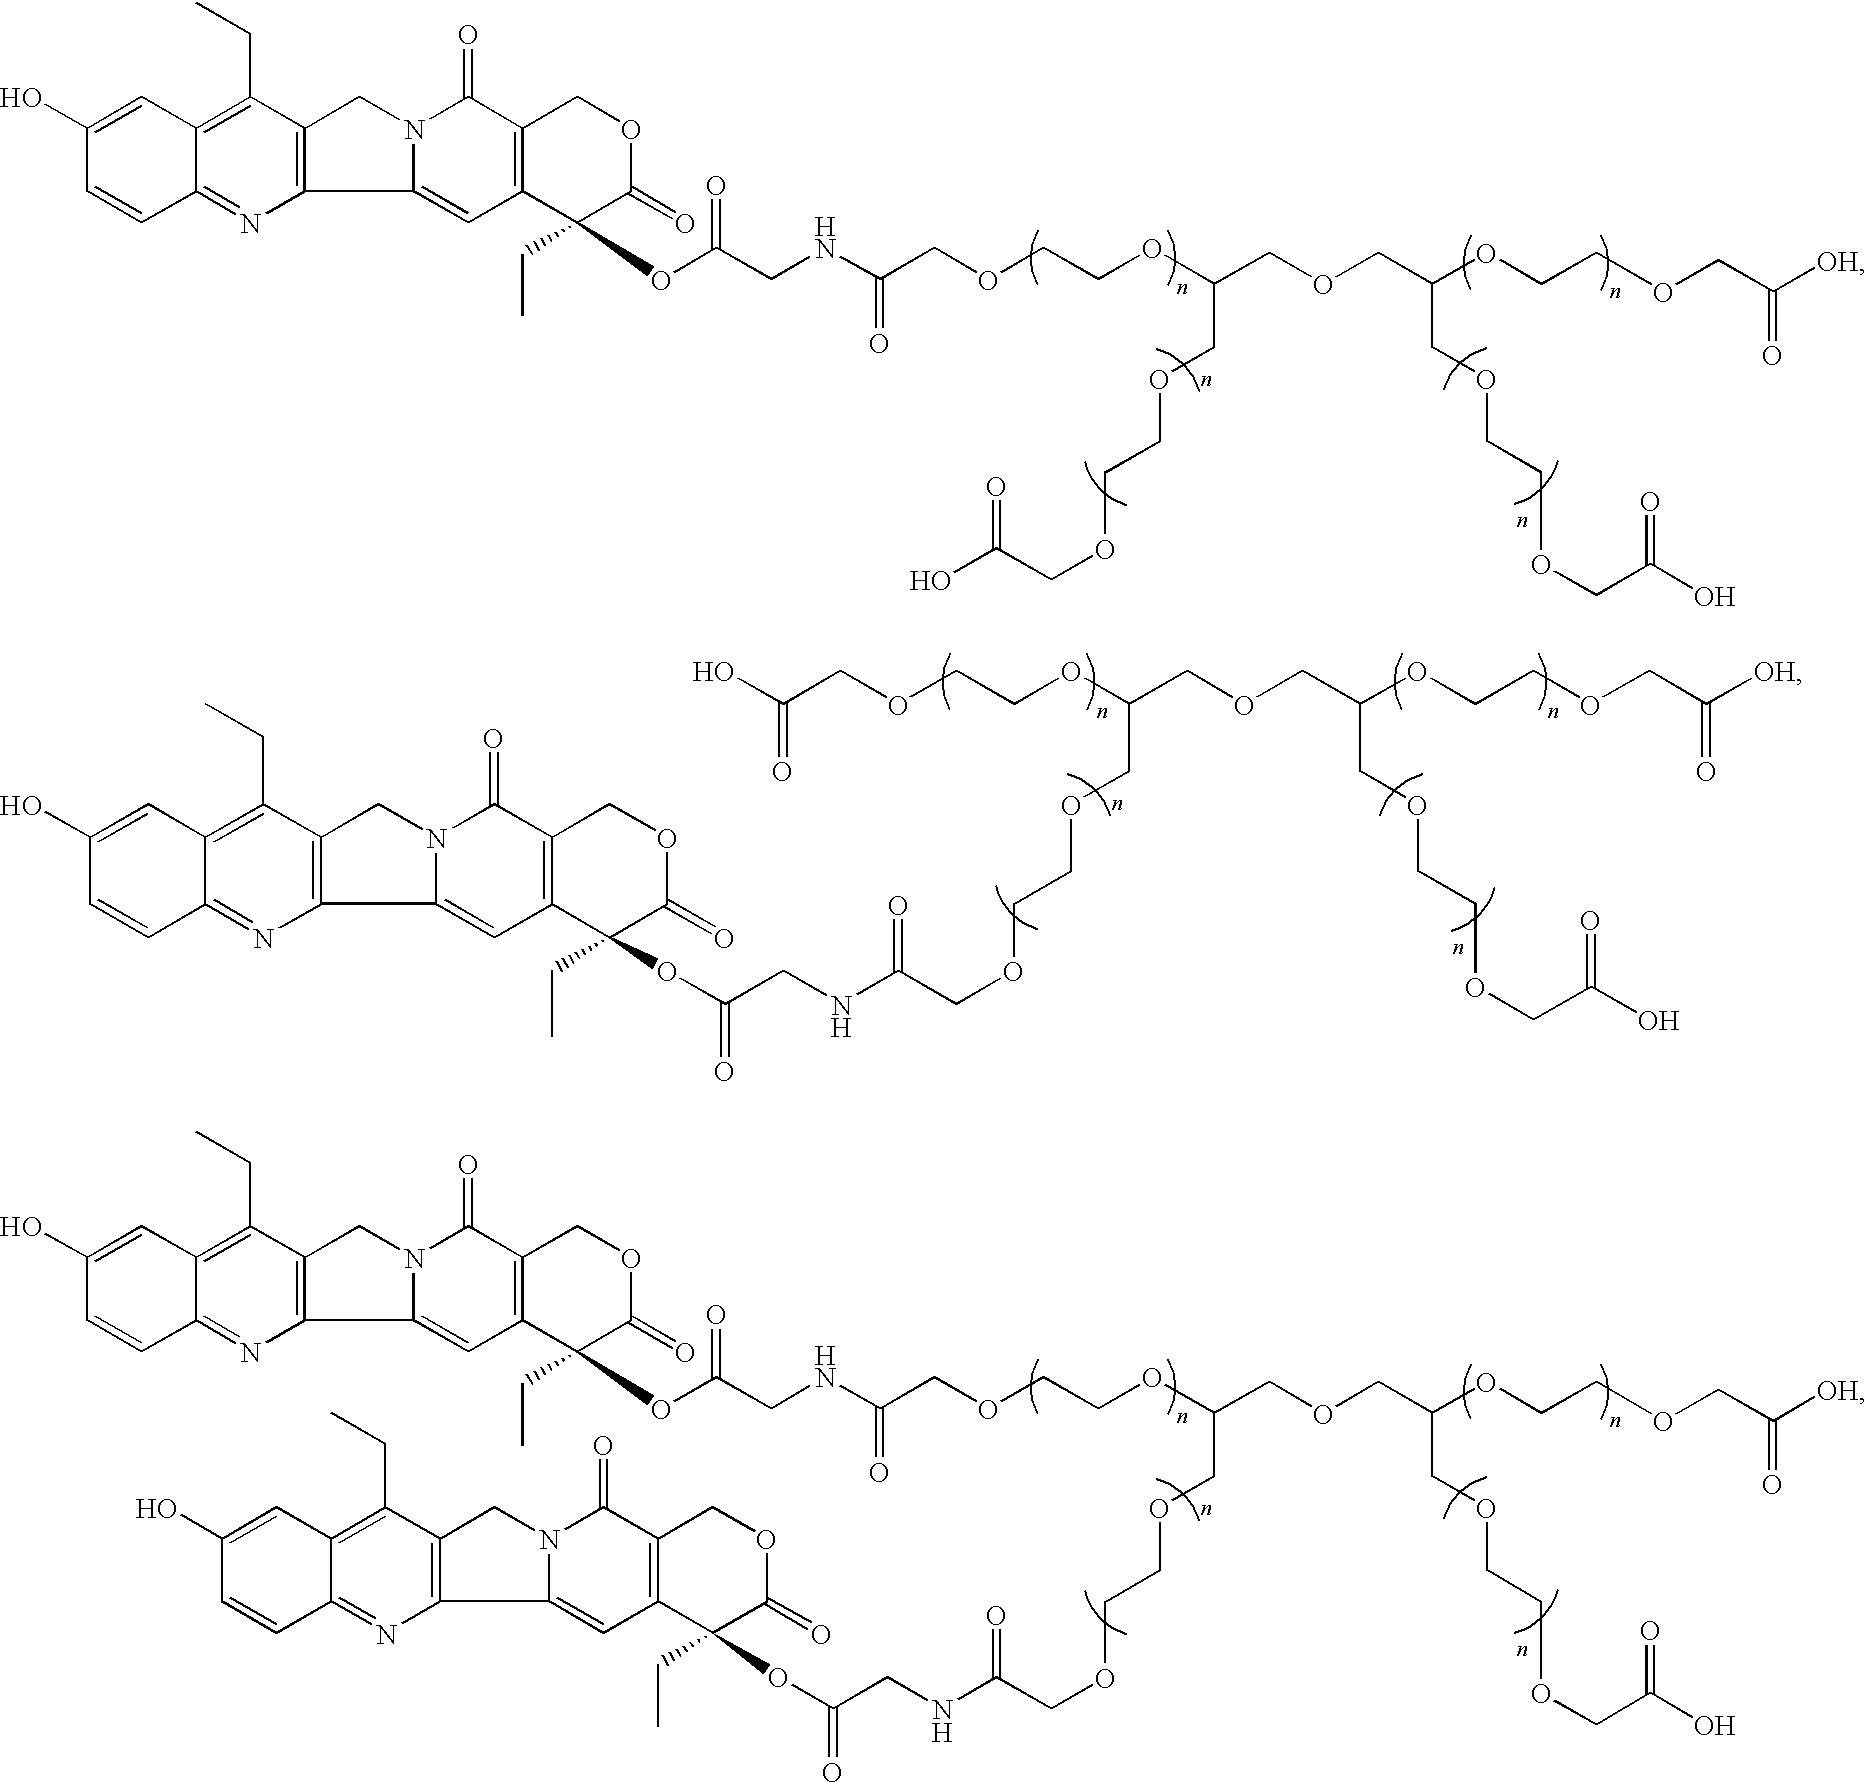 Figure US20100056555A1-20100304-C00006